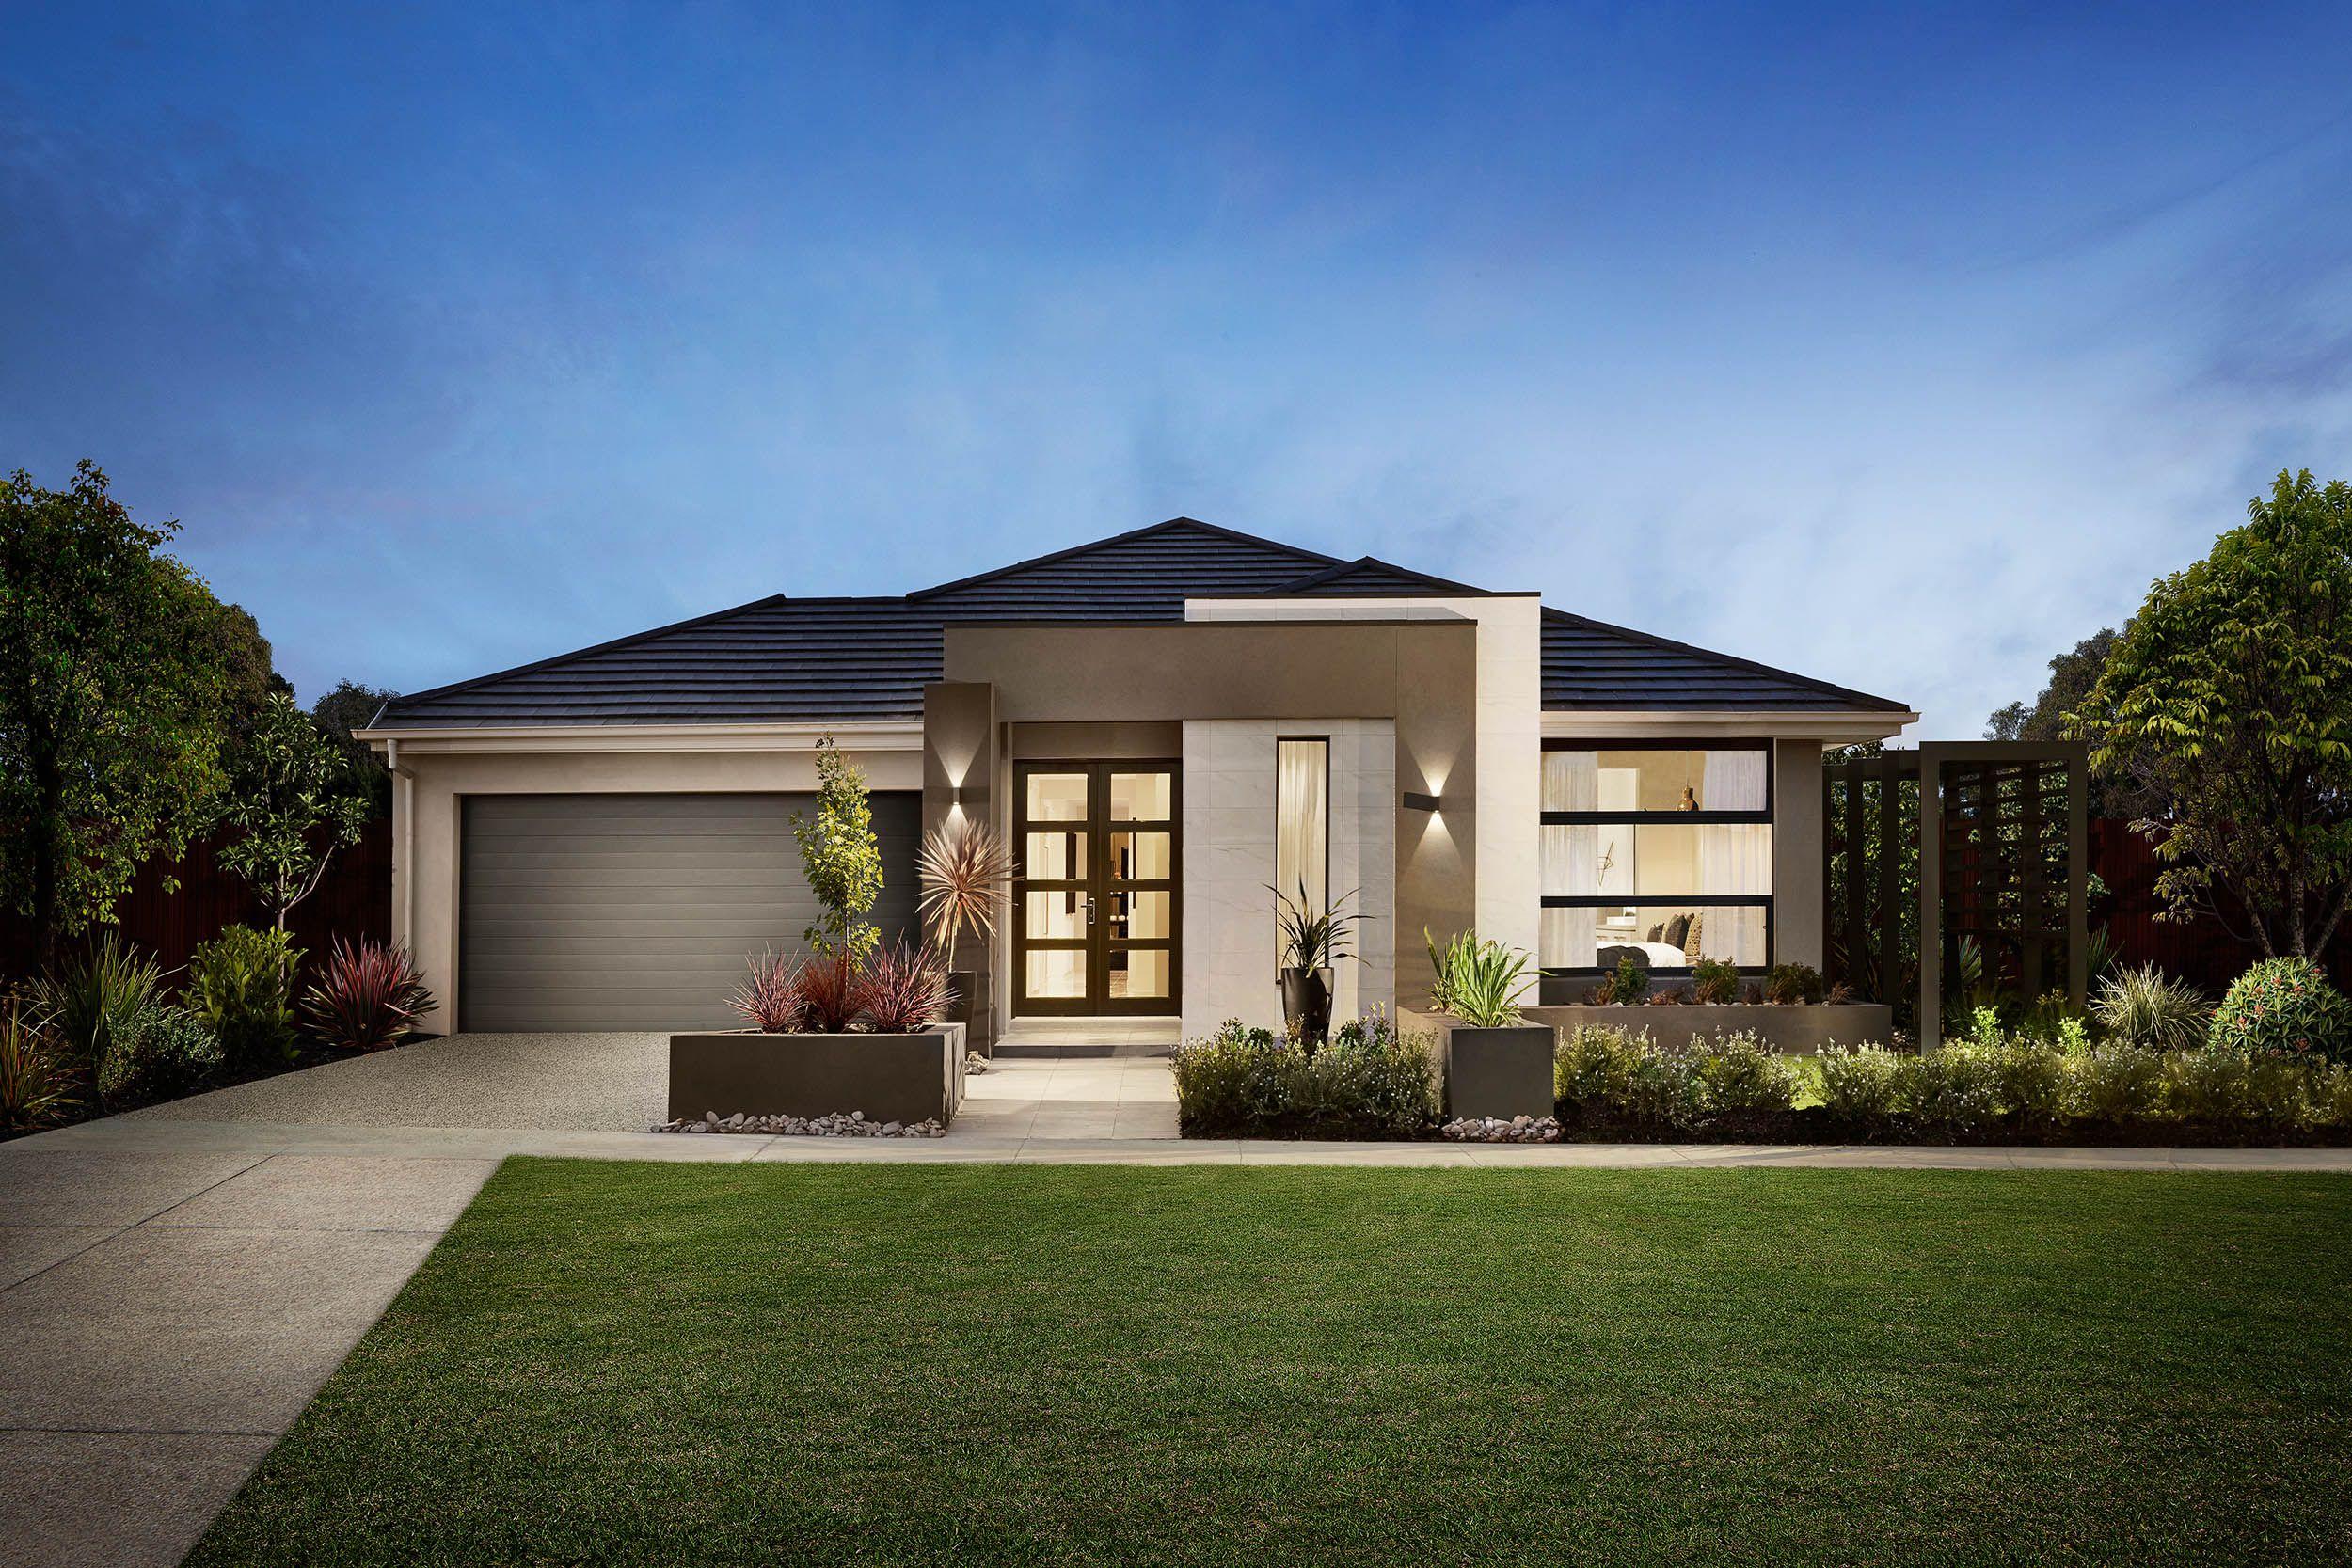 House Design: Charlton - Porter Davis Homes   Home   Pinterest ...